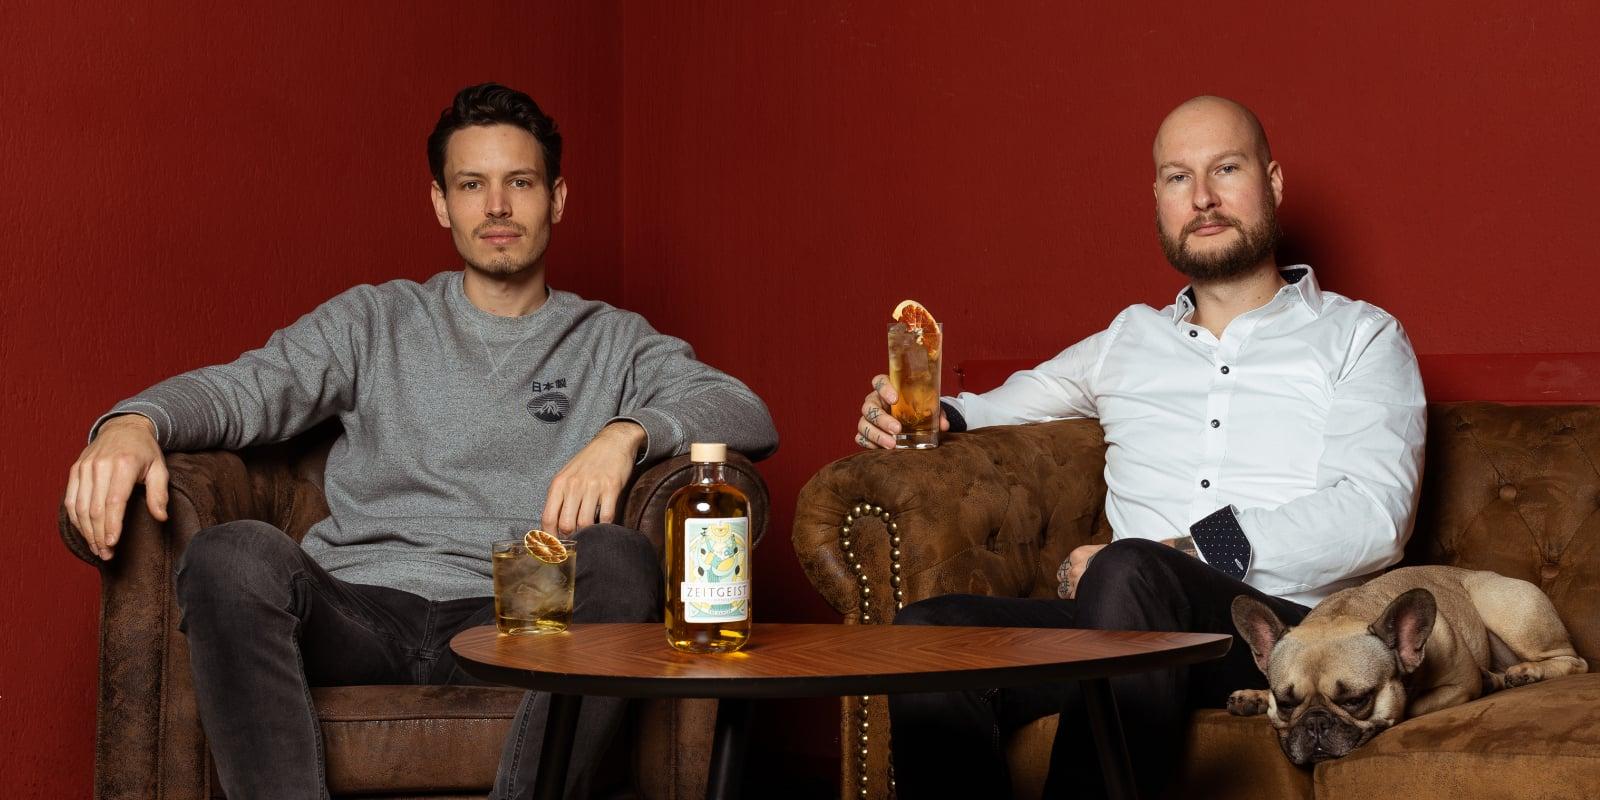 Roger und Florian –Die Zeitgeist Cocktails Alchemisten